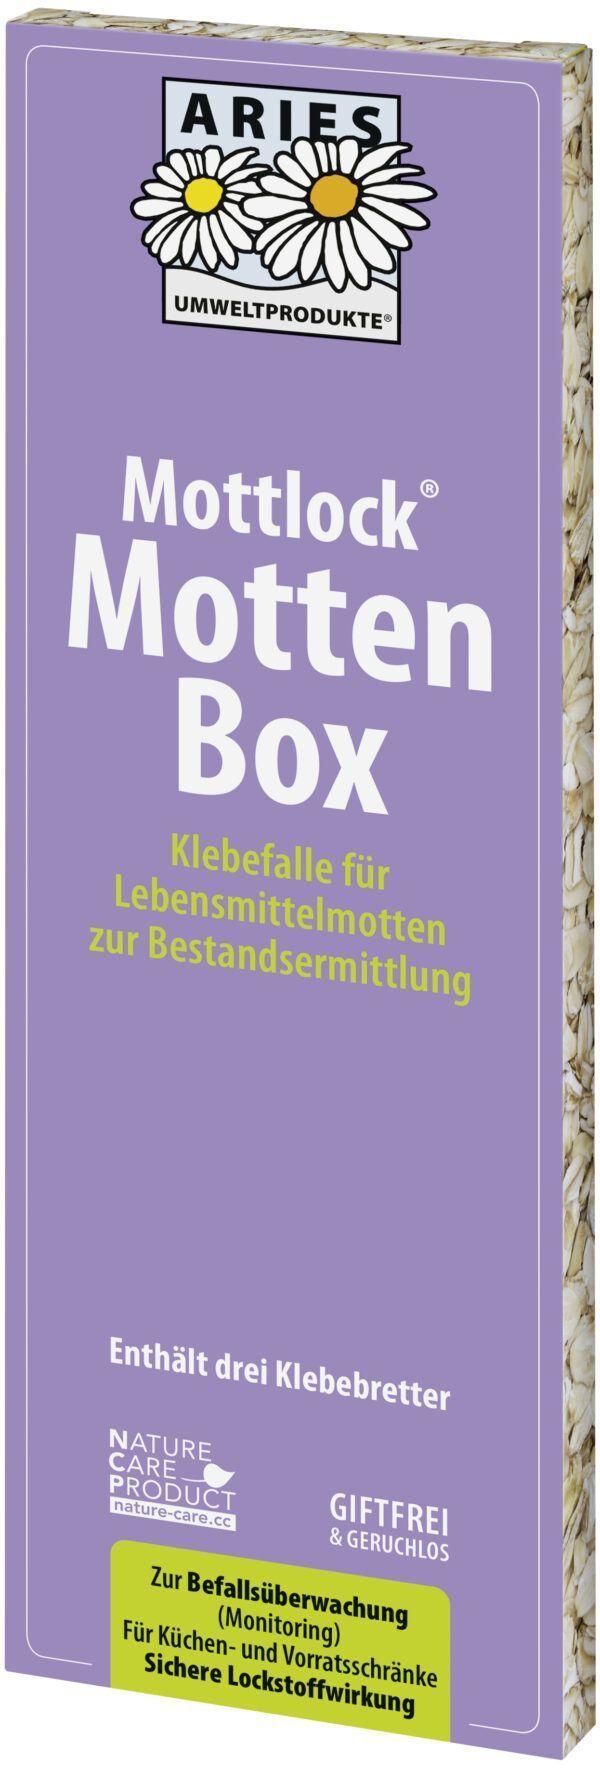 Aries Mottlock Mottenbox Lebensmittelmotten 6x1Stück